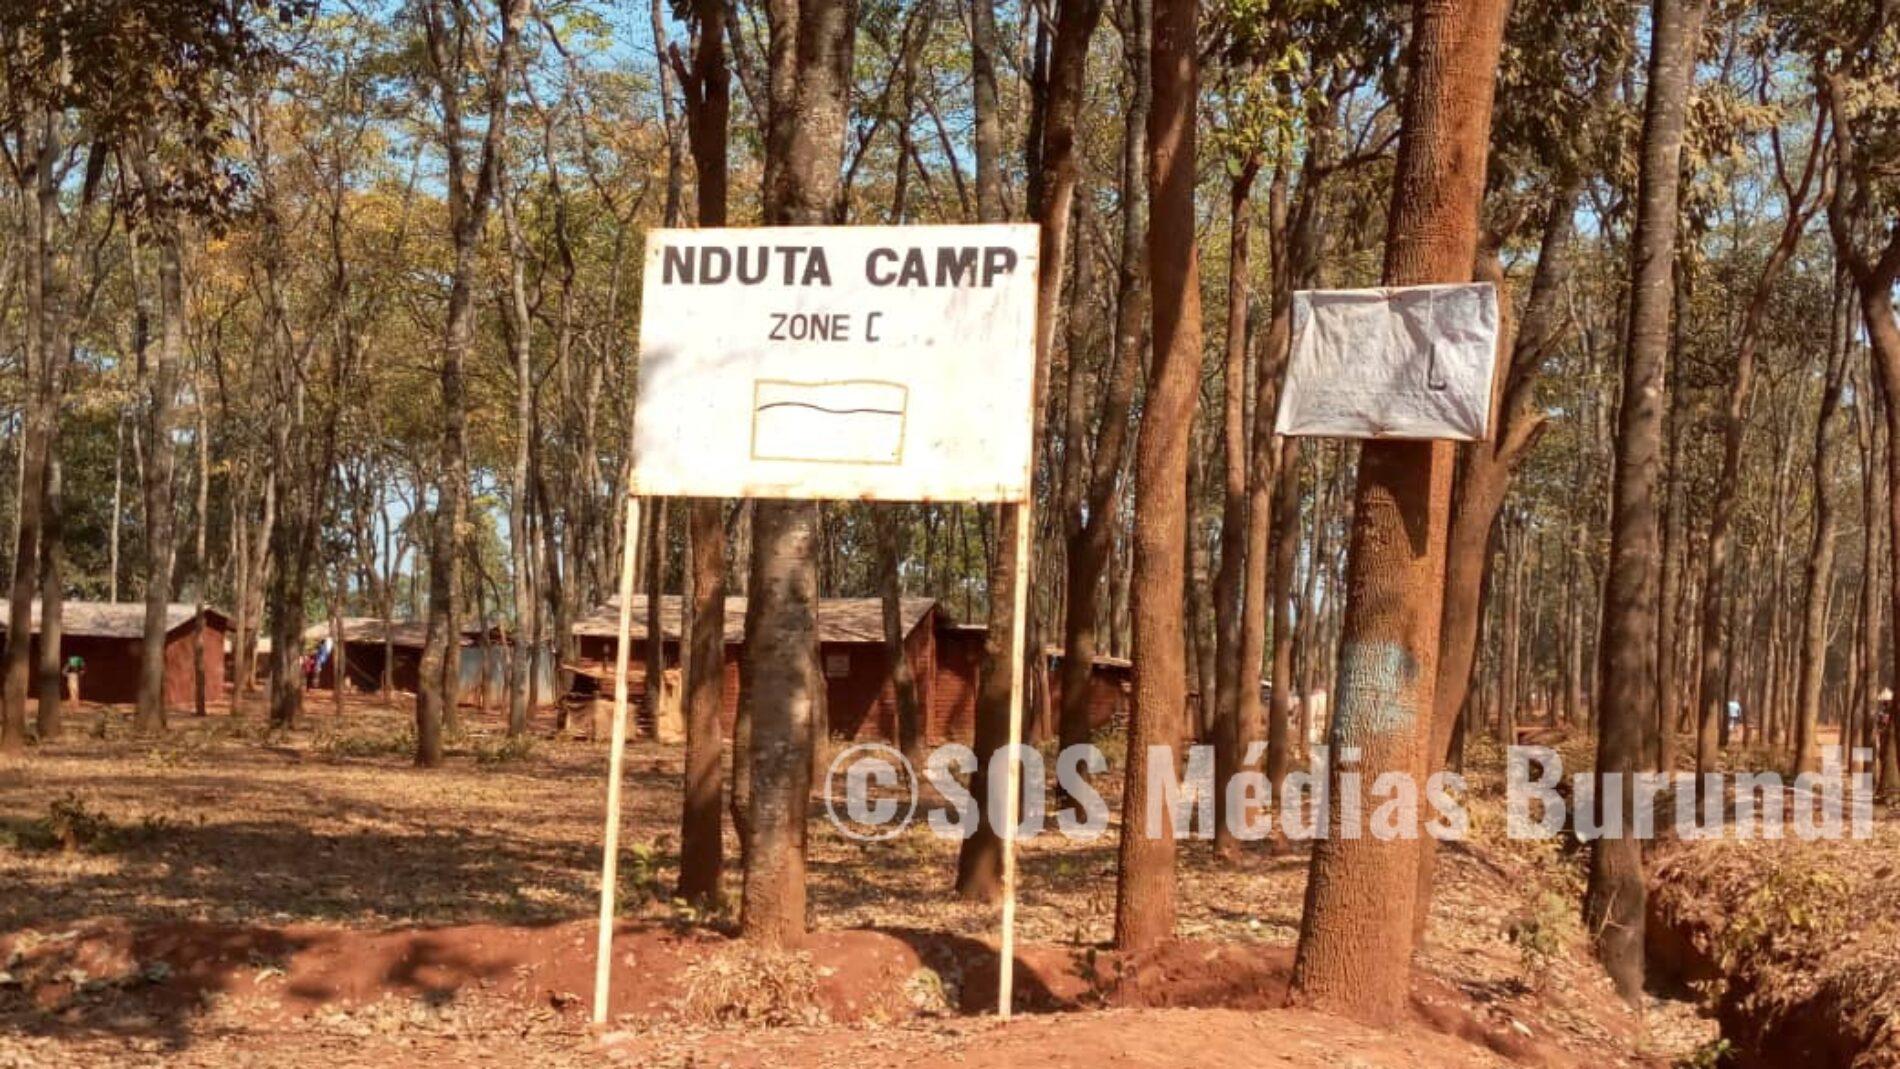 Covid-19 – Tanzanie : le camp de Nduta coupé de l'extérieur